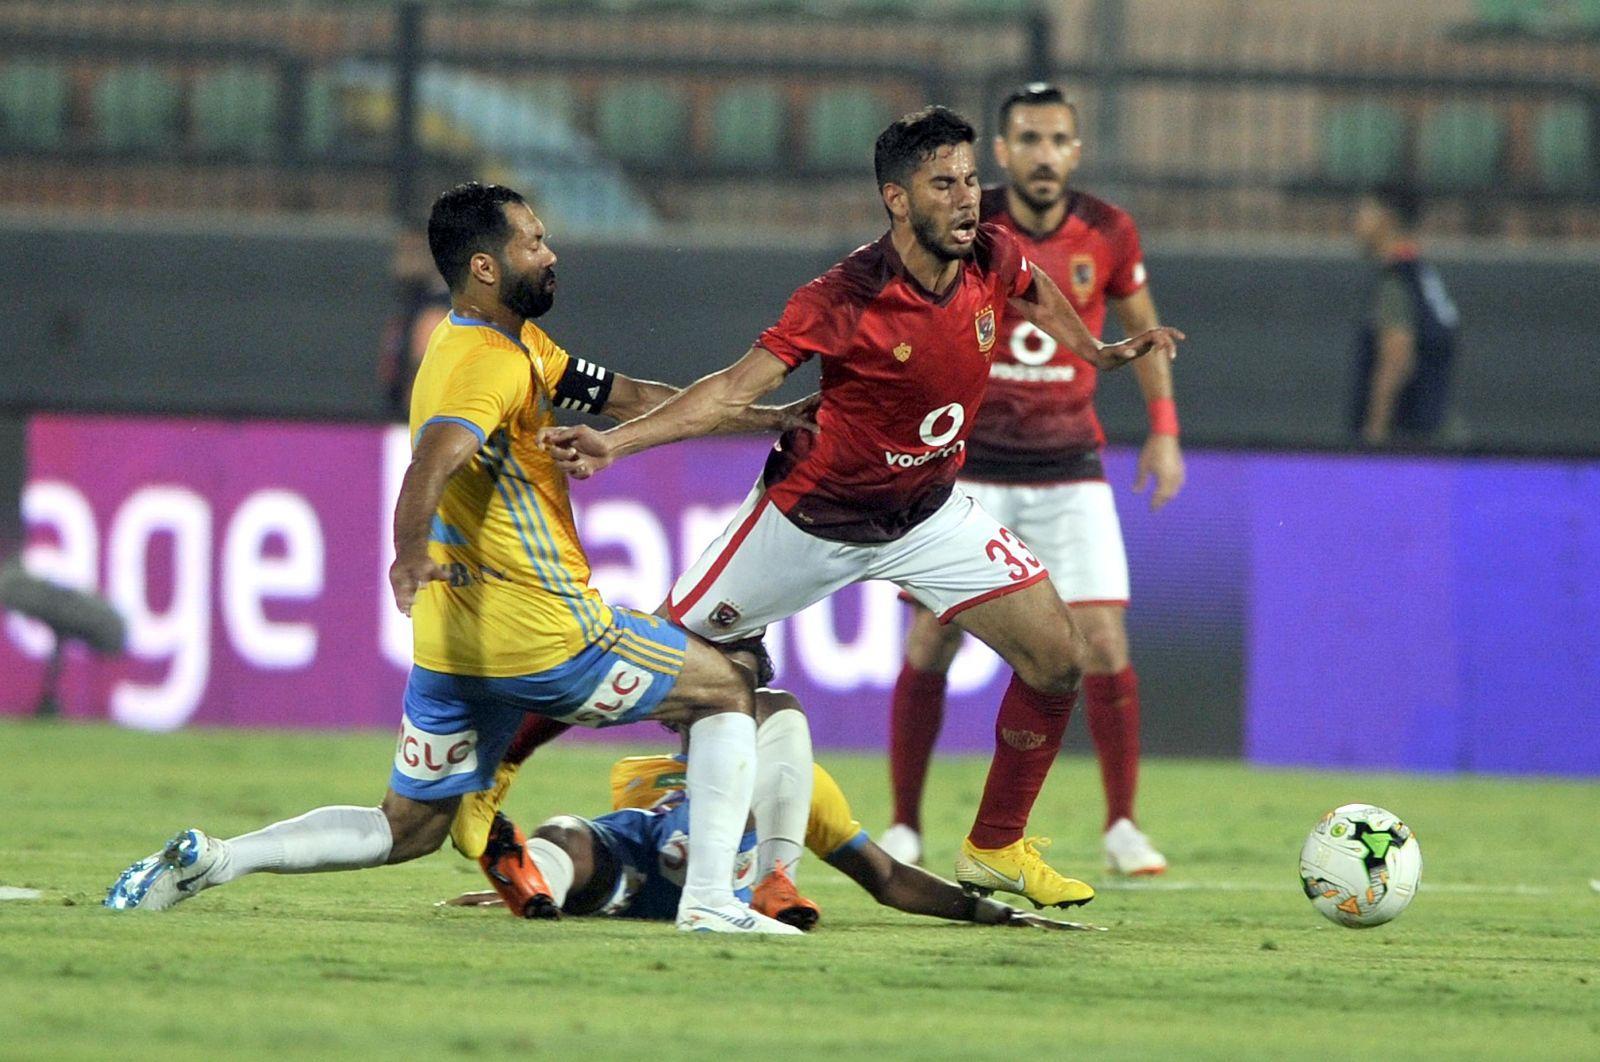 ناصر ماهر في مباراة الإسماعيلي